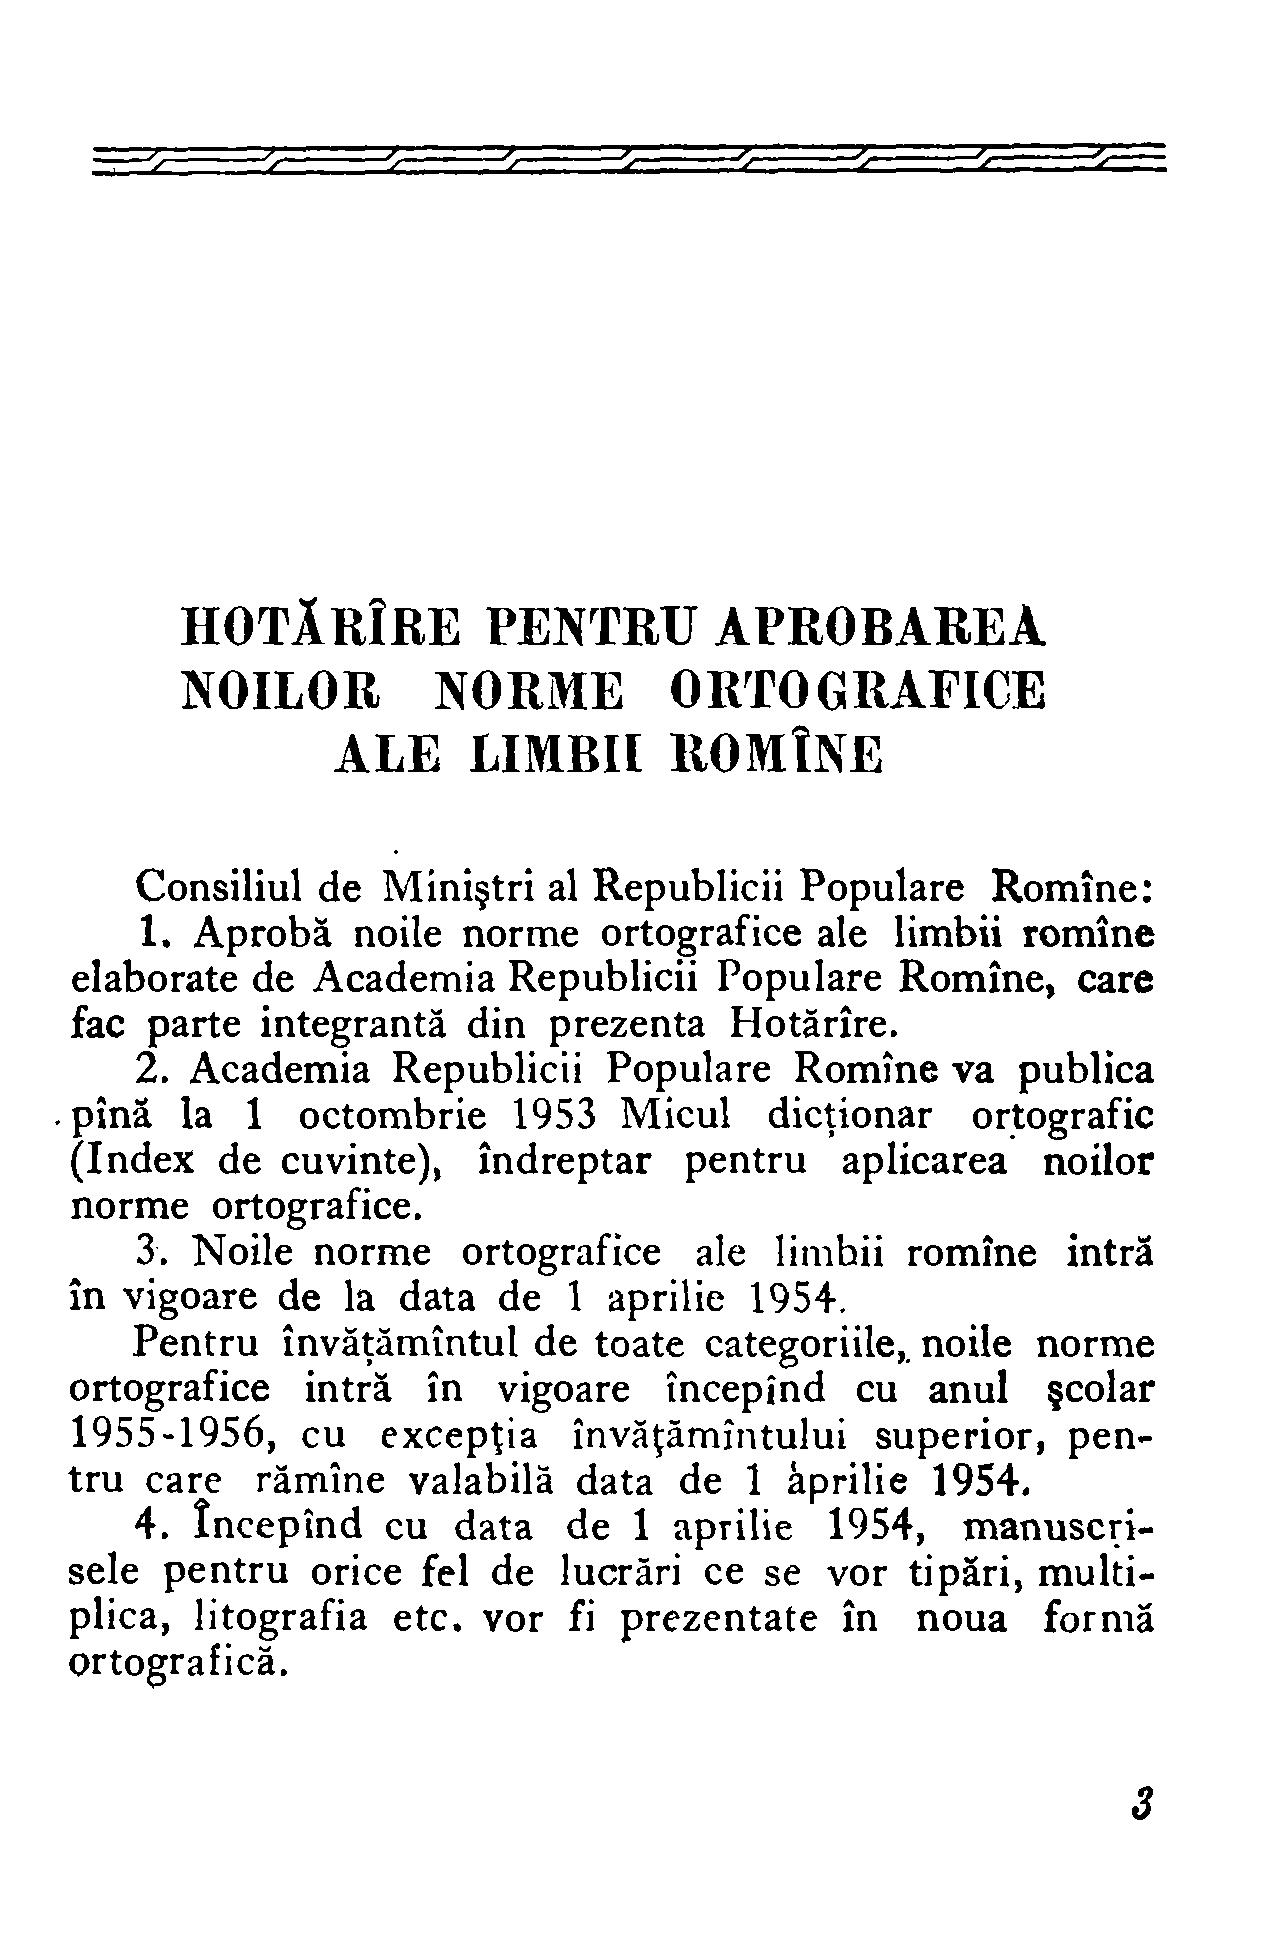 1954 - Mic dicționar ortografic (2).png